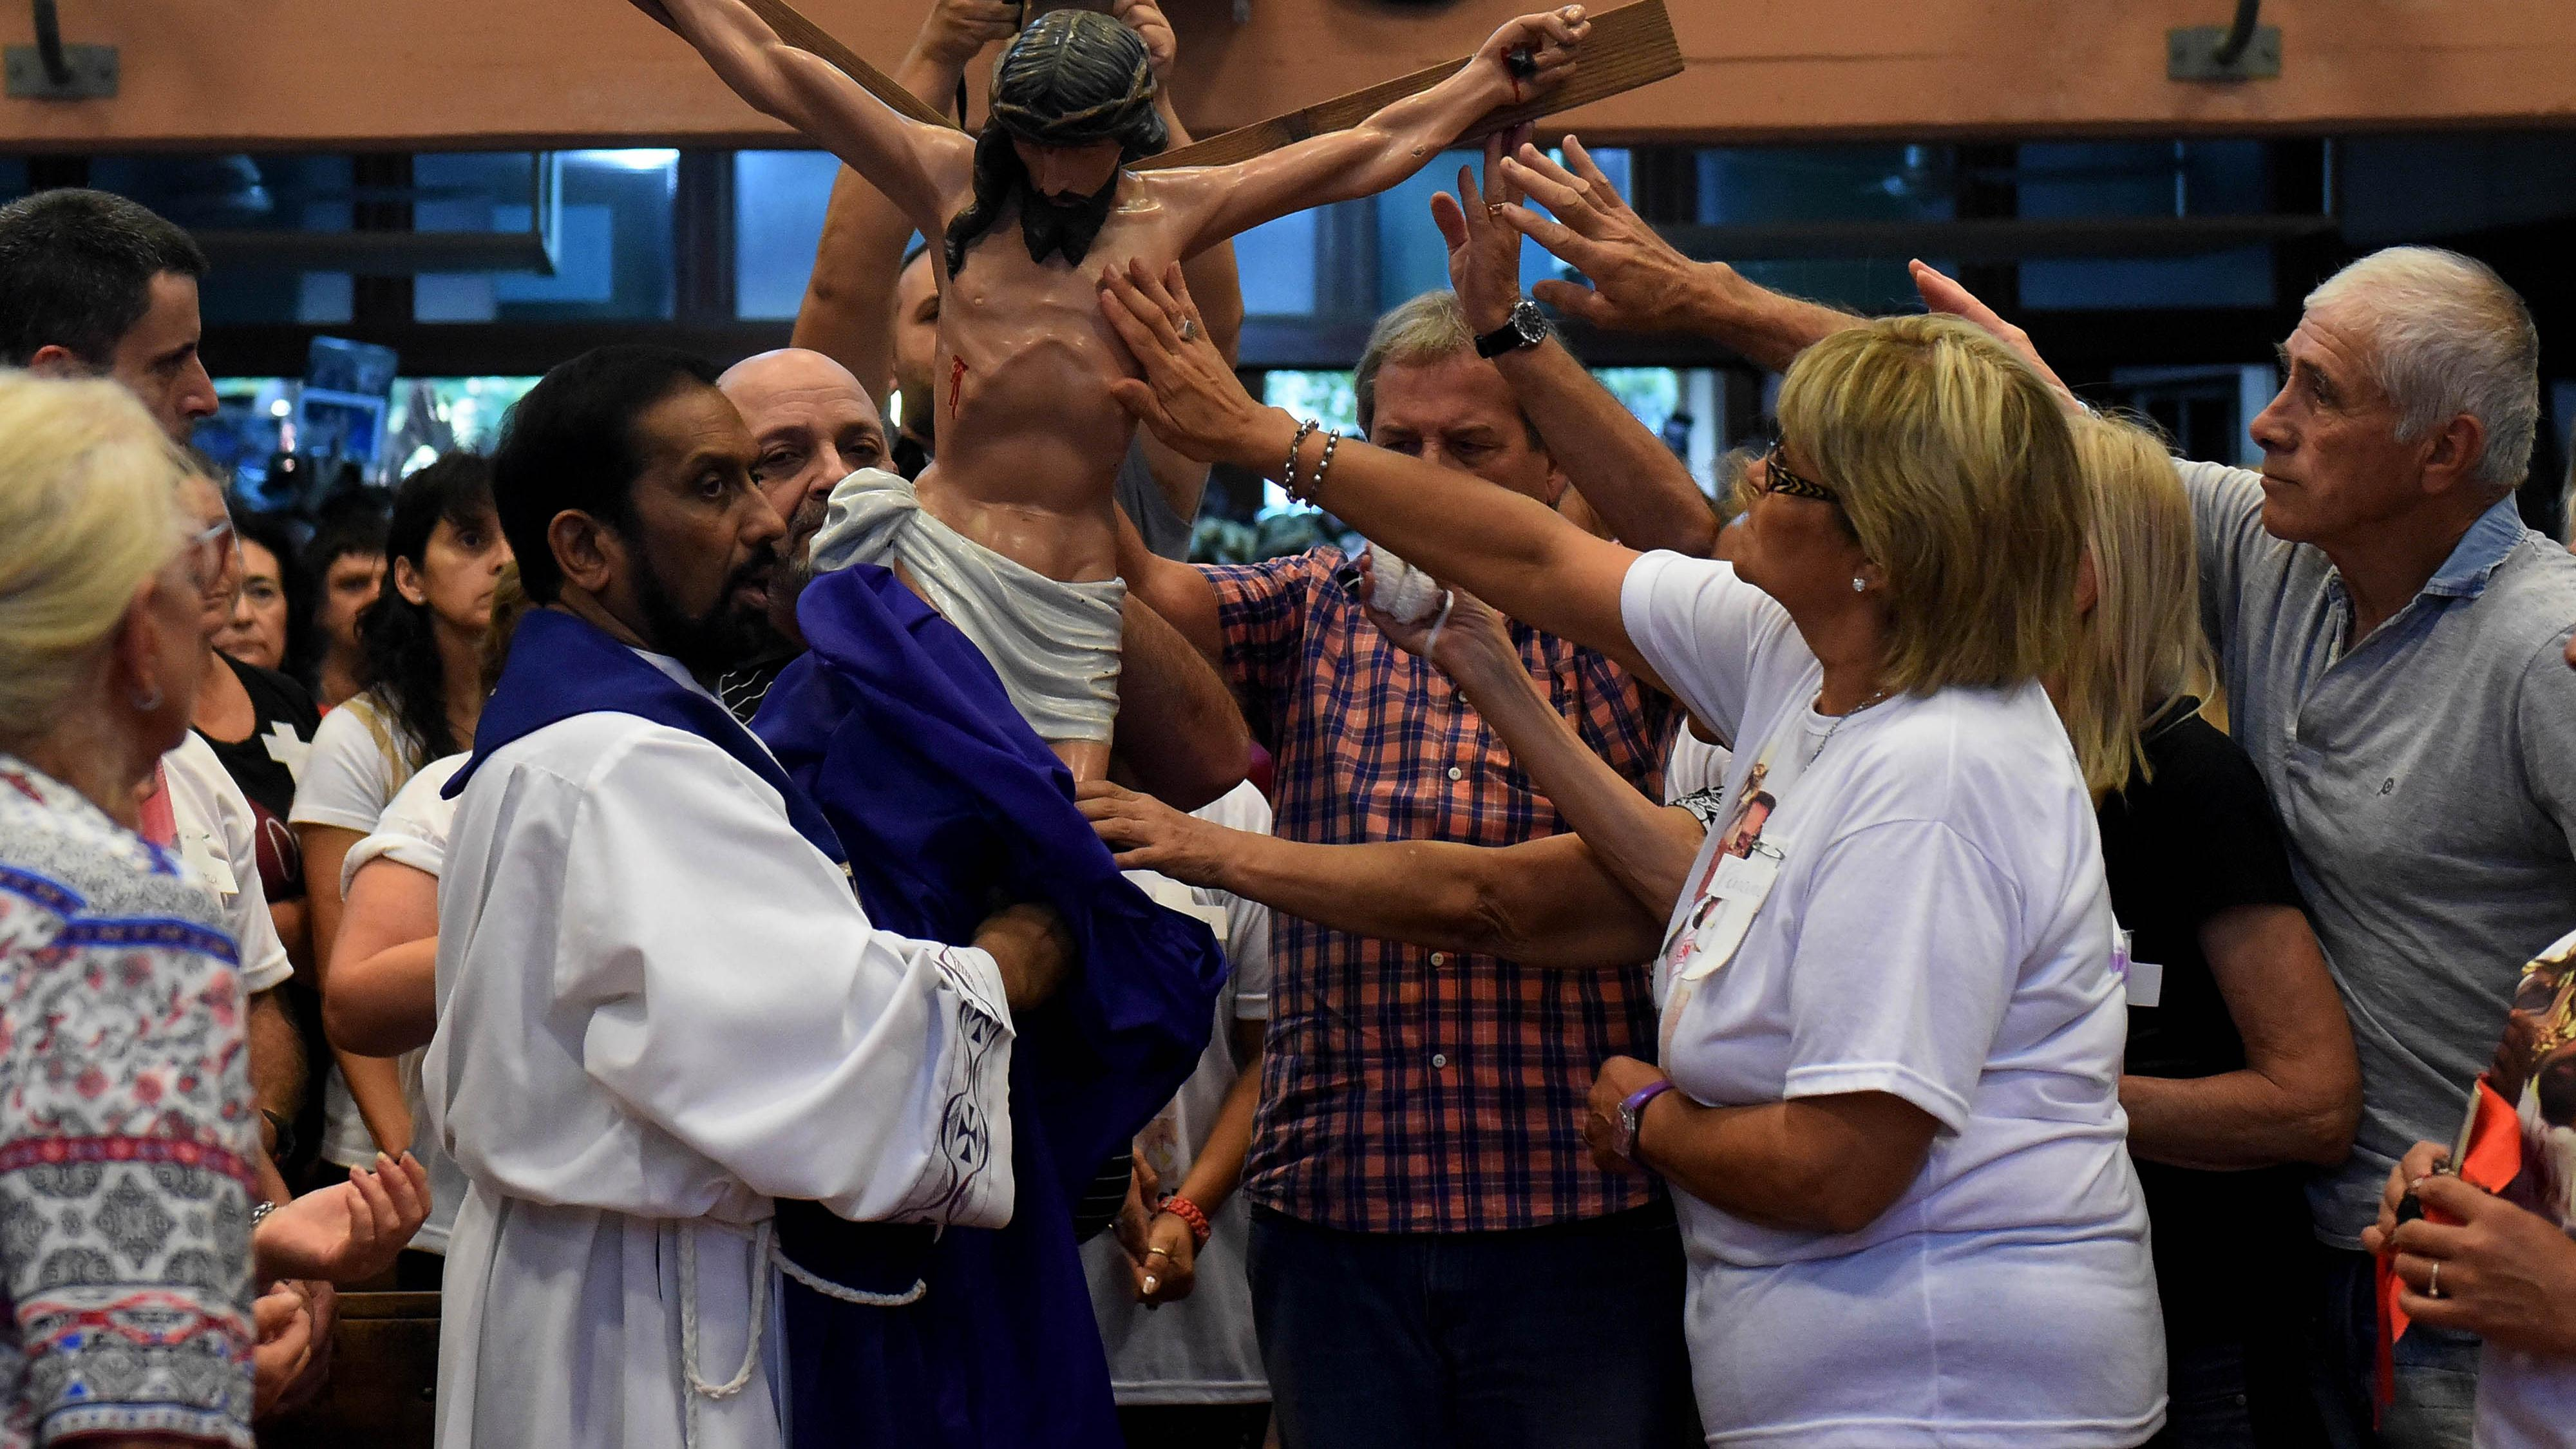 Por la tarde, el padre Ignacio encabezó la misa de adoración a la Santa Cruz. (Foto: Télam)